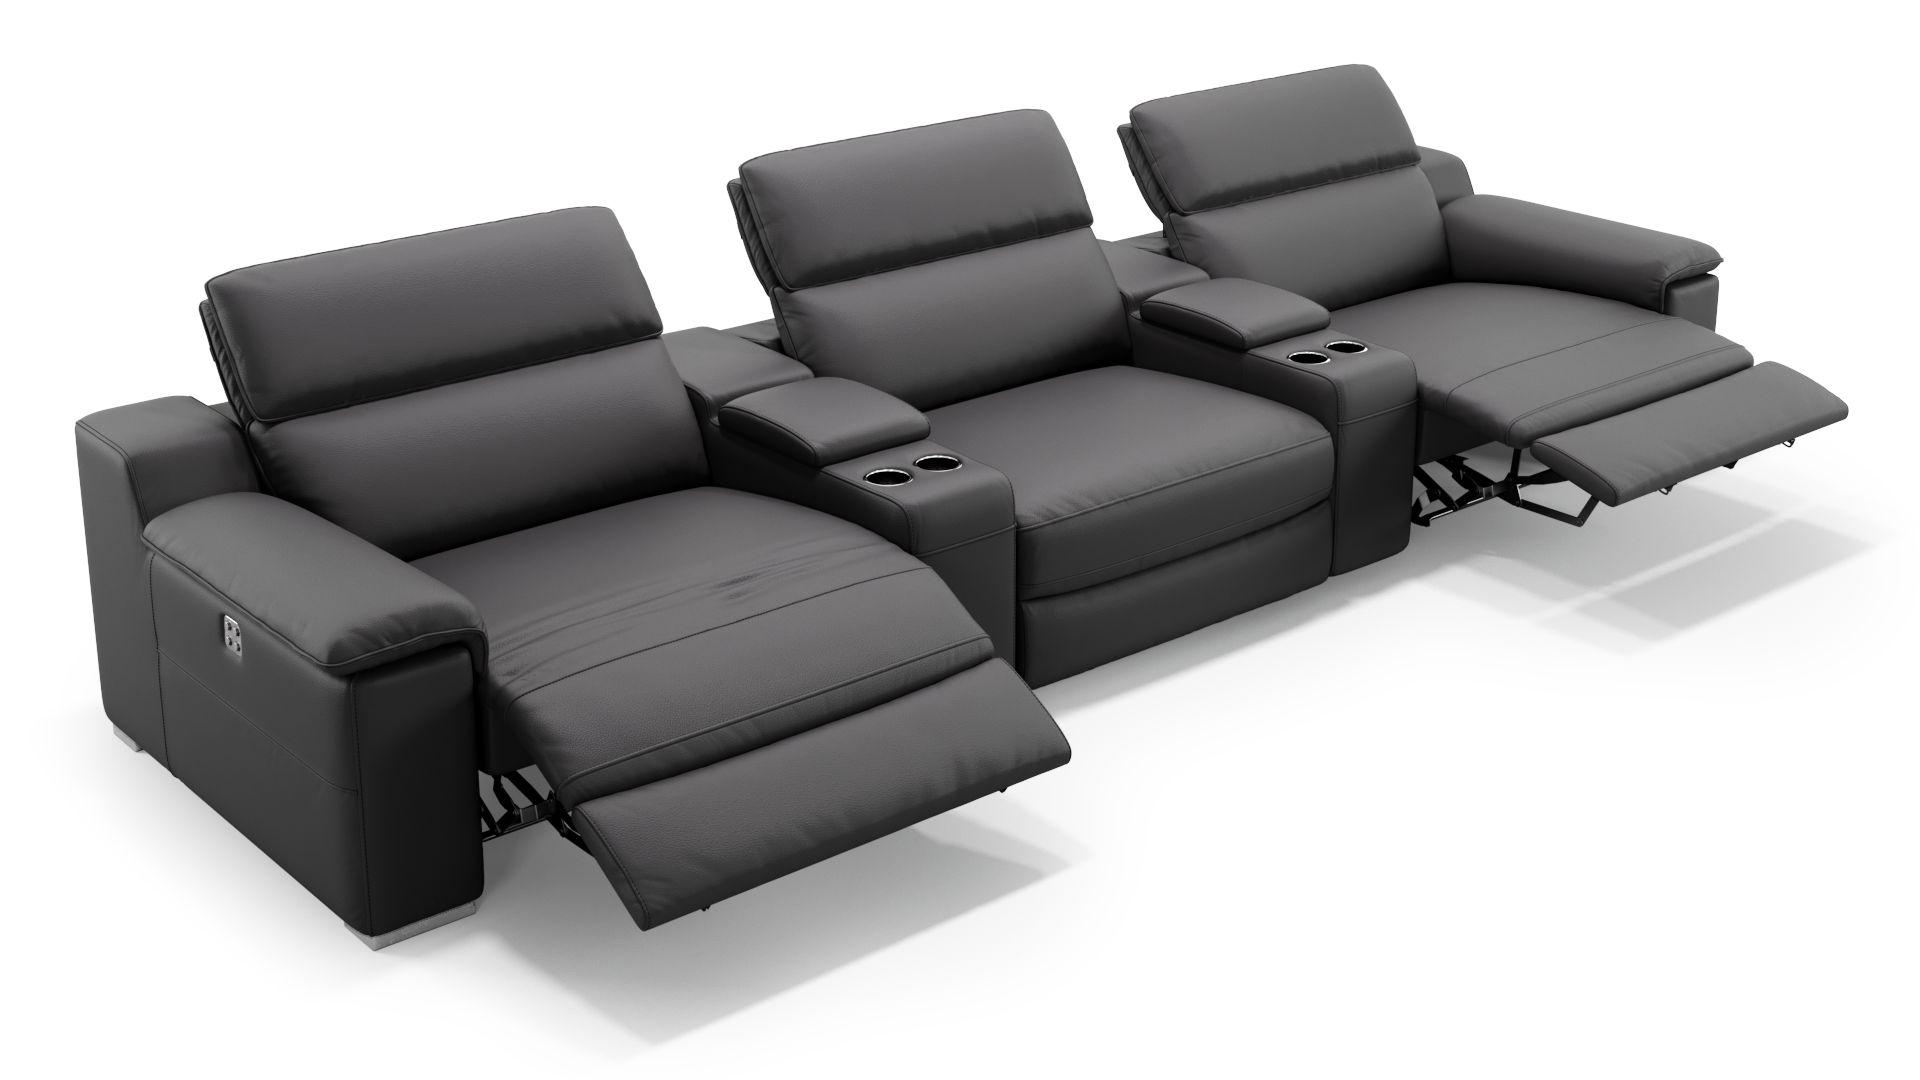 Leder 3-Sitzer Kinosofa mit zwei Mittelkonsolen MACELLO